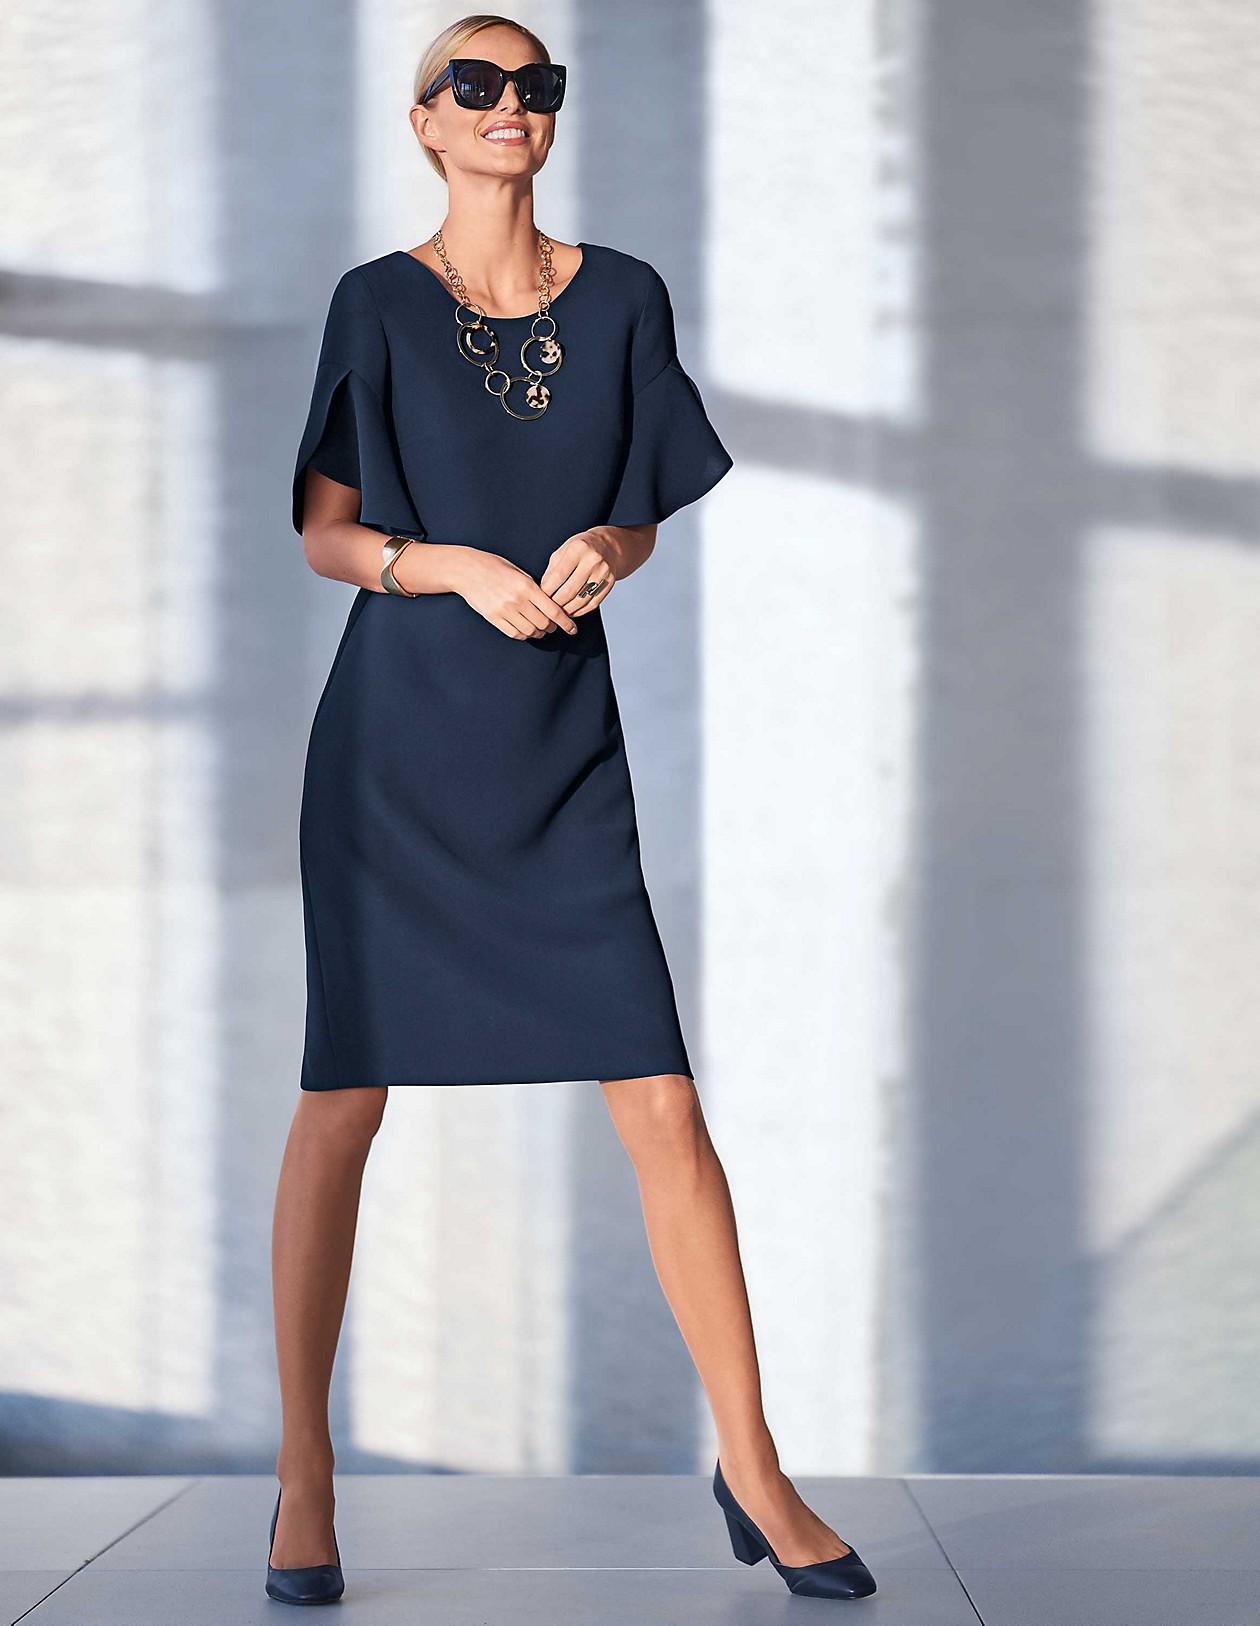 Kleid A A LinieMarineBlauMadeleine In Mode LinieMarineBlauMadeleine In Kleid XOwTPkZilu